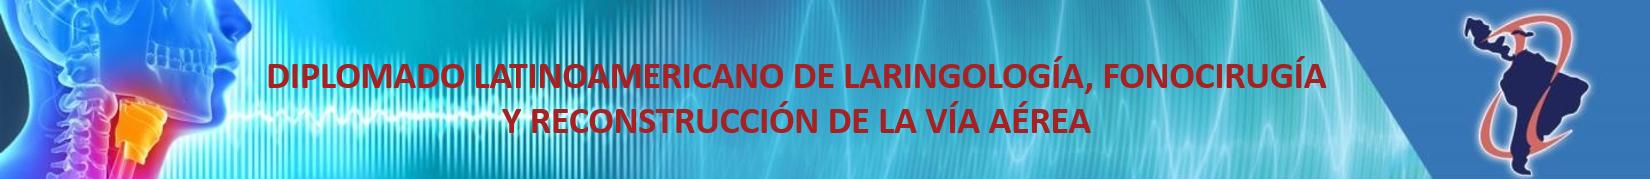 Diplomado de Laringología, Fonocirugía y Reconstrucción de la Vía Aérea